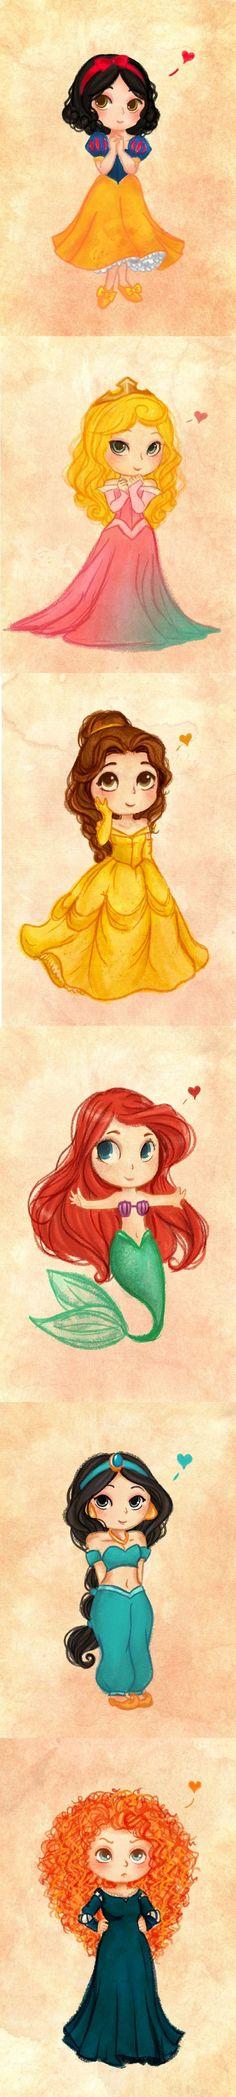 Les princesses la quelle préférer vous ?: